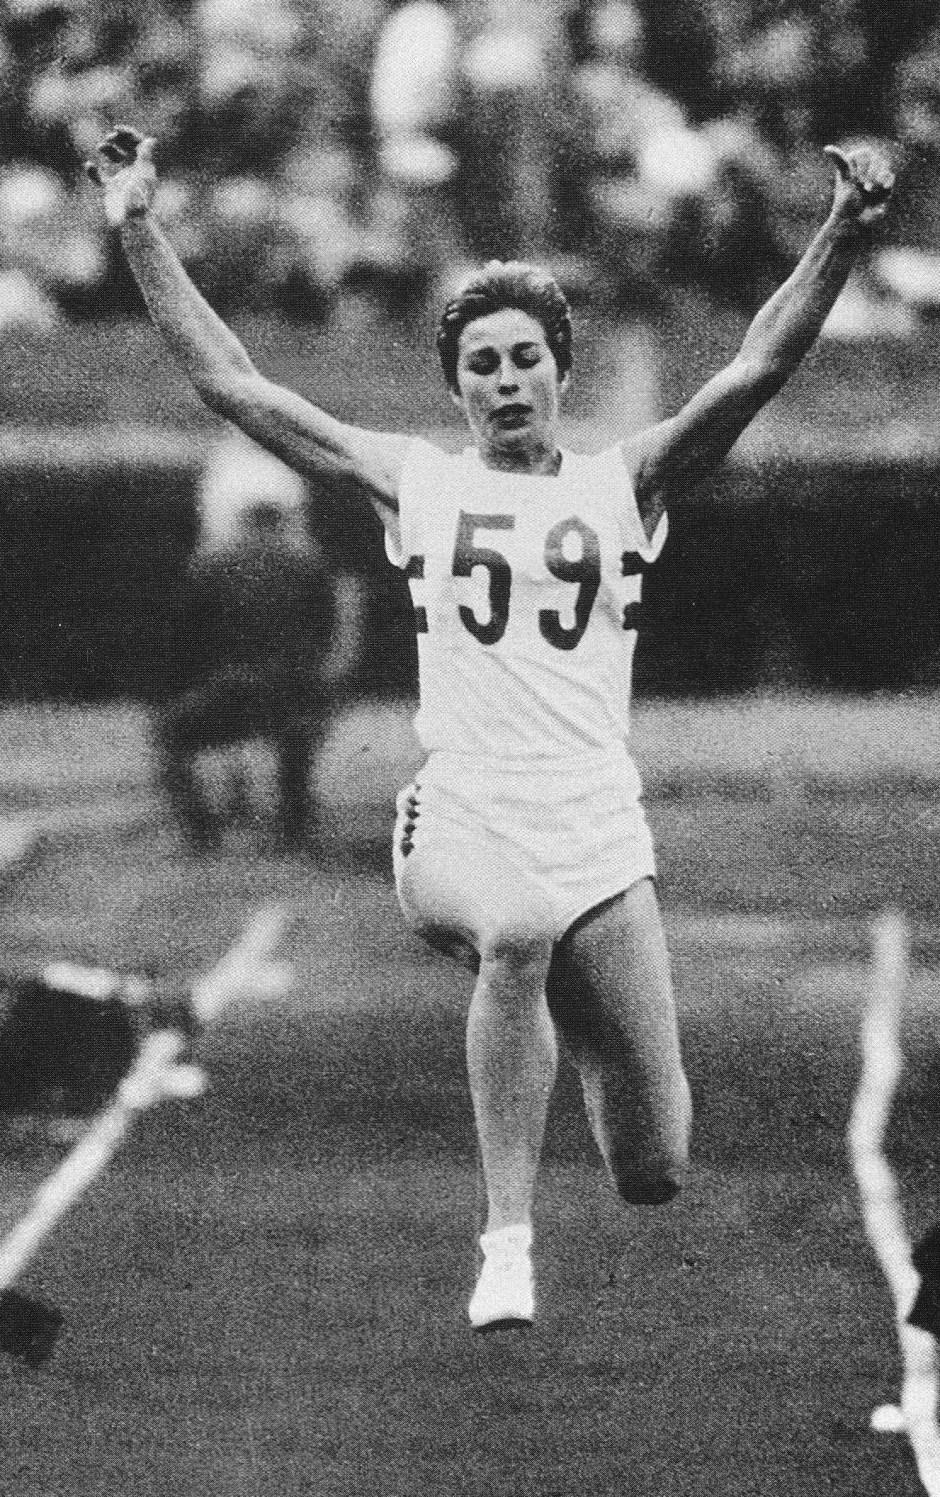 mary-rand-1_-xviii-olympiad-tokyo-1964-asahi-shimbun